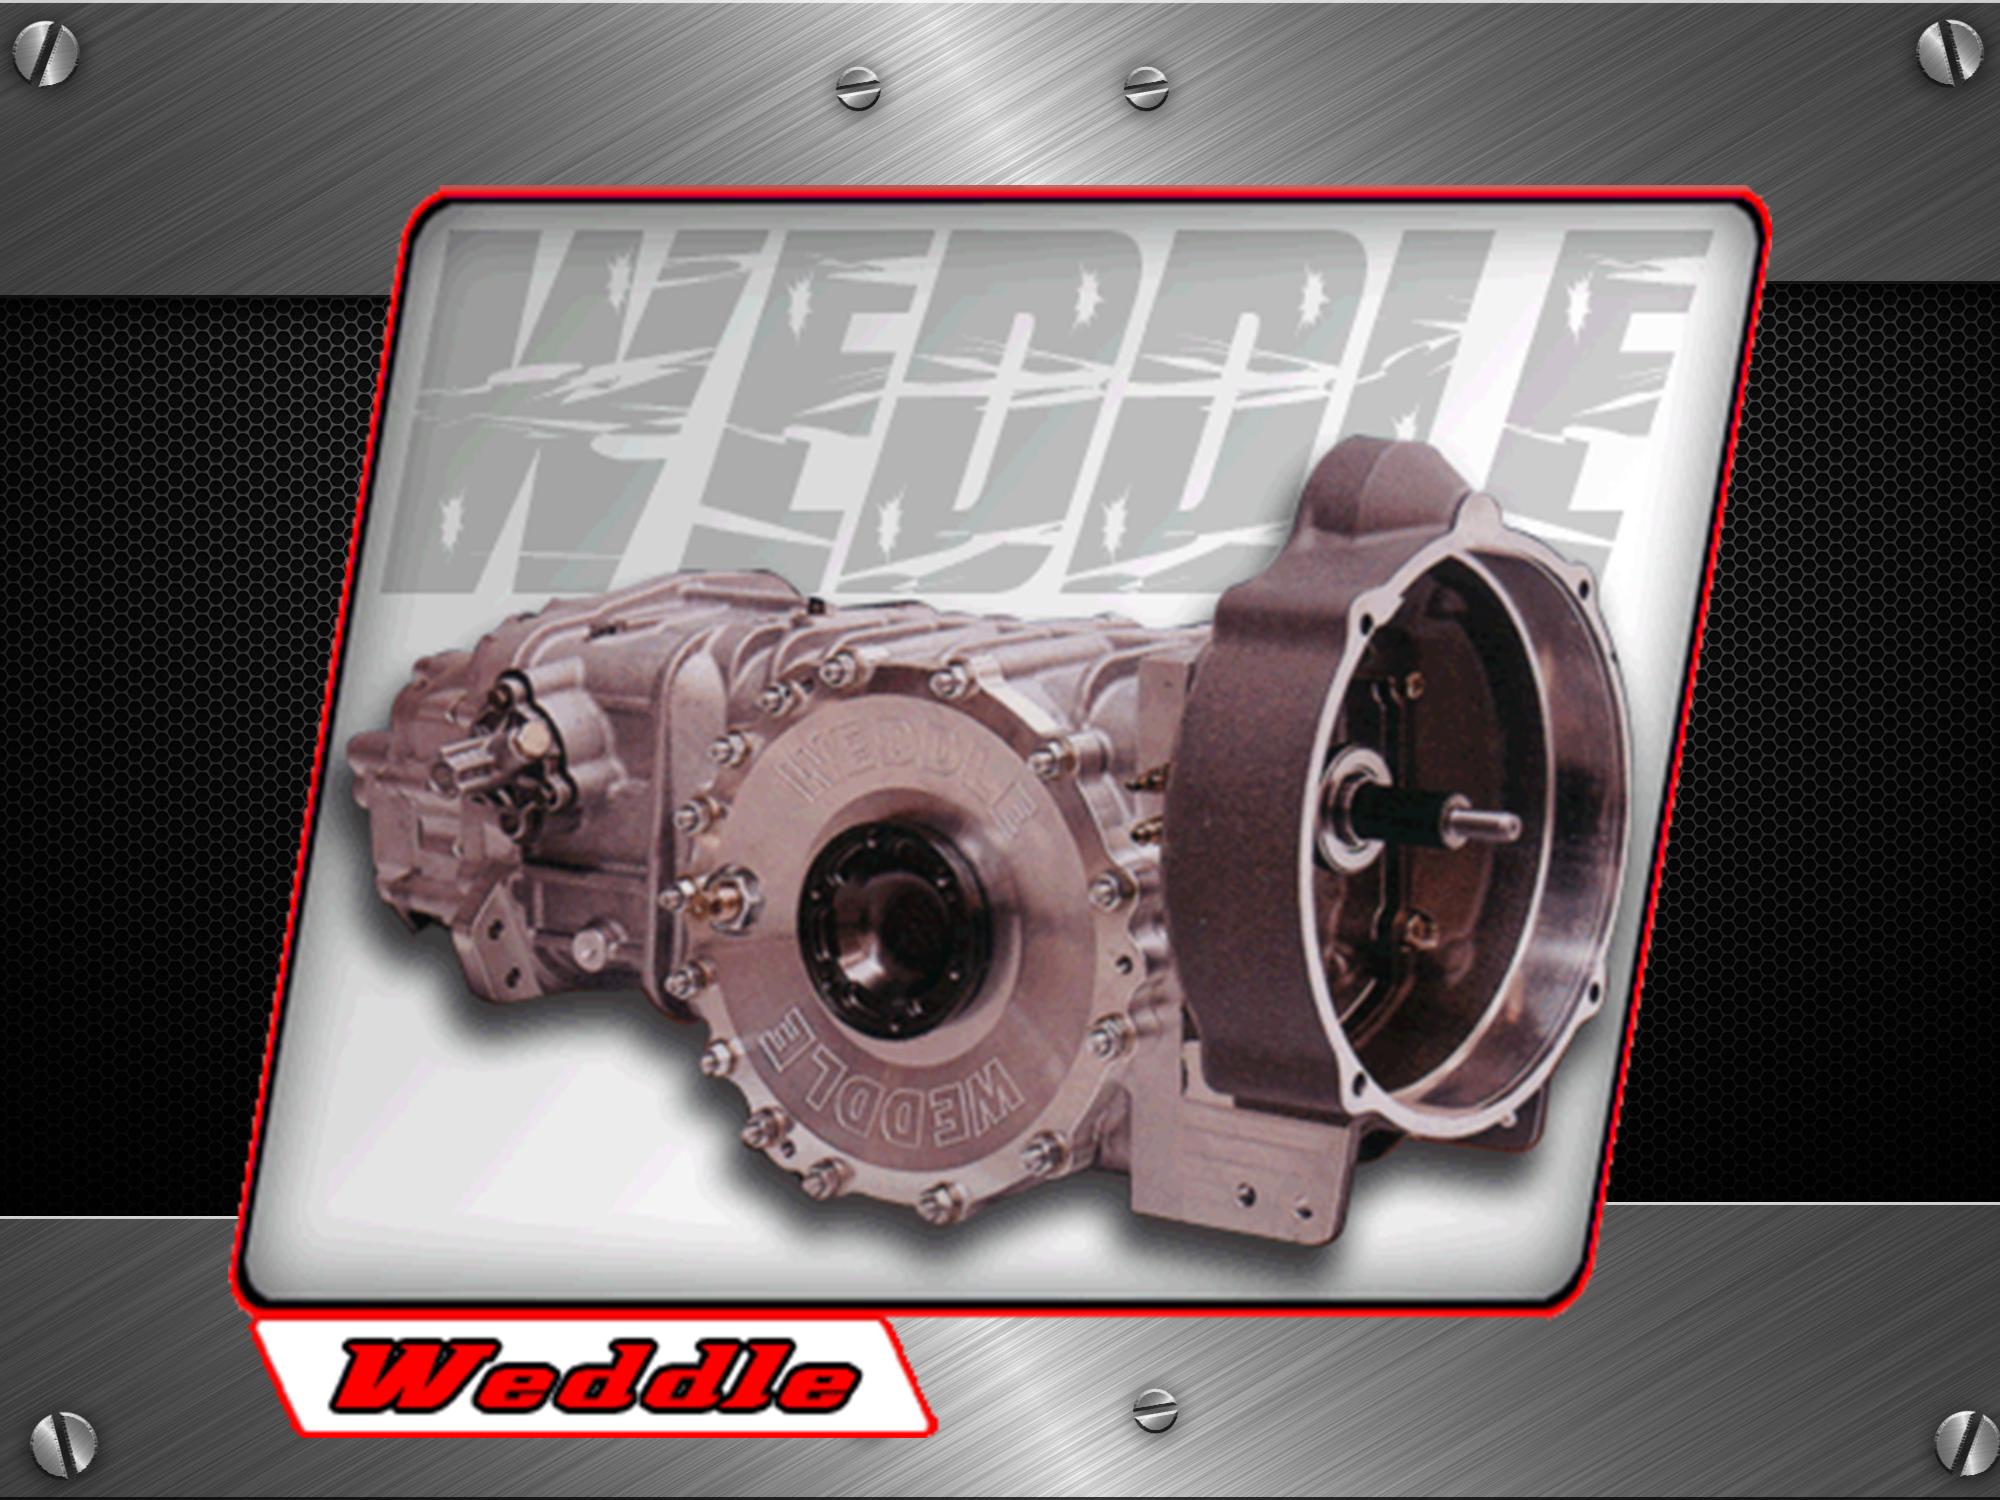 weddle transmissions wright gear box